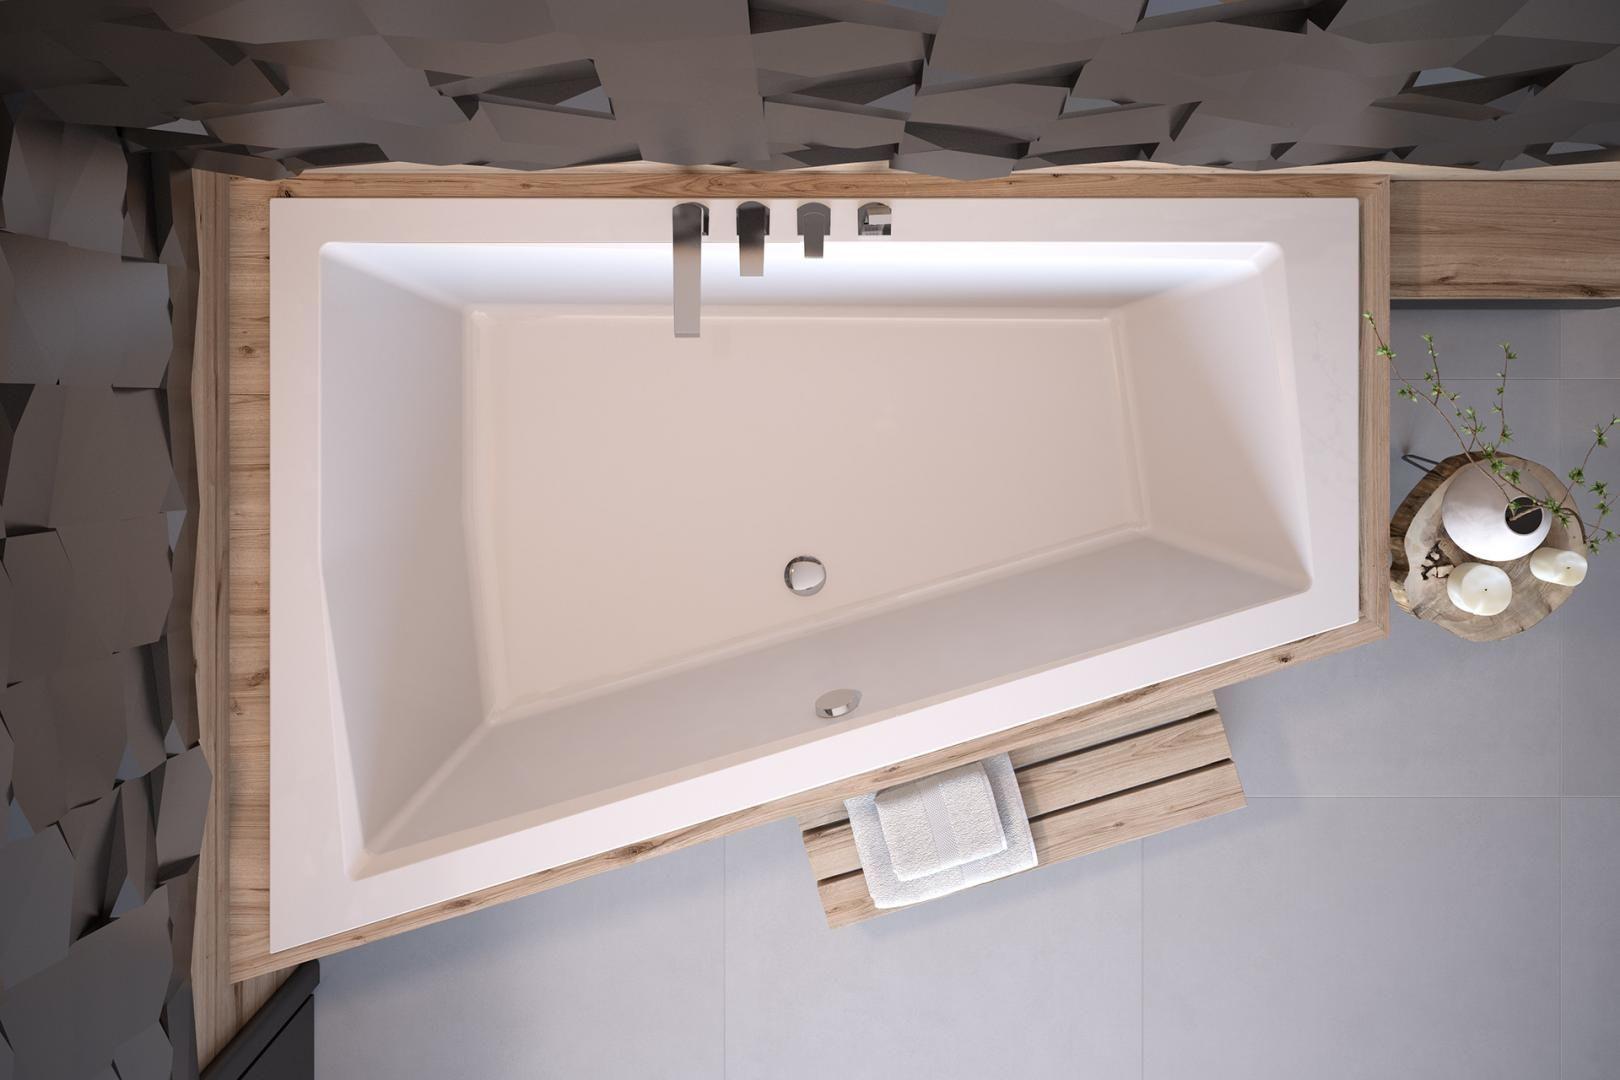 Besco wanna asymetryczna Intima Duo Slim 170 x 125 cm lewa